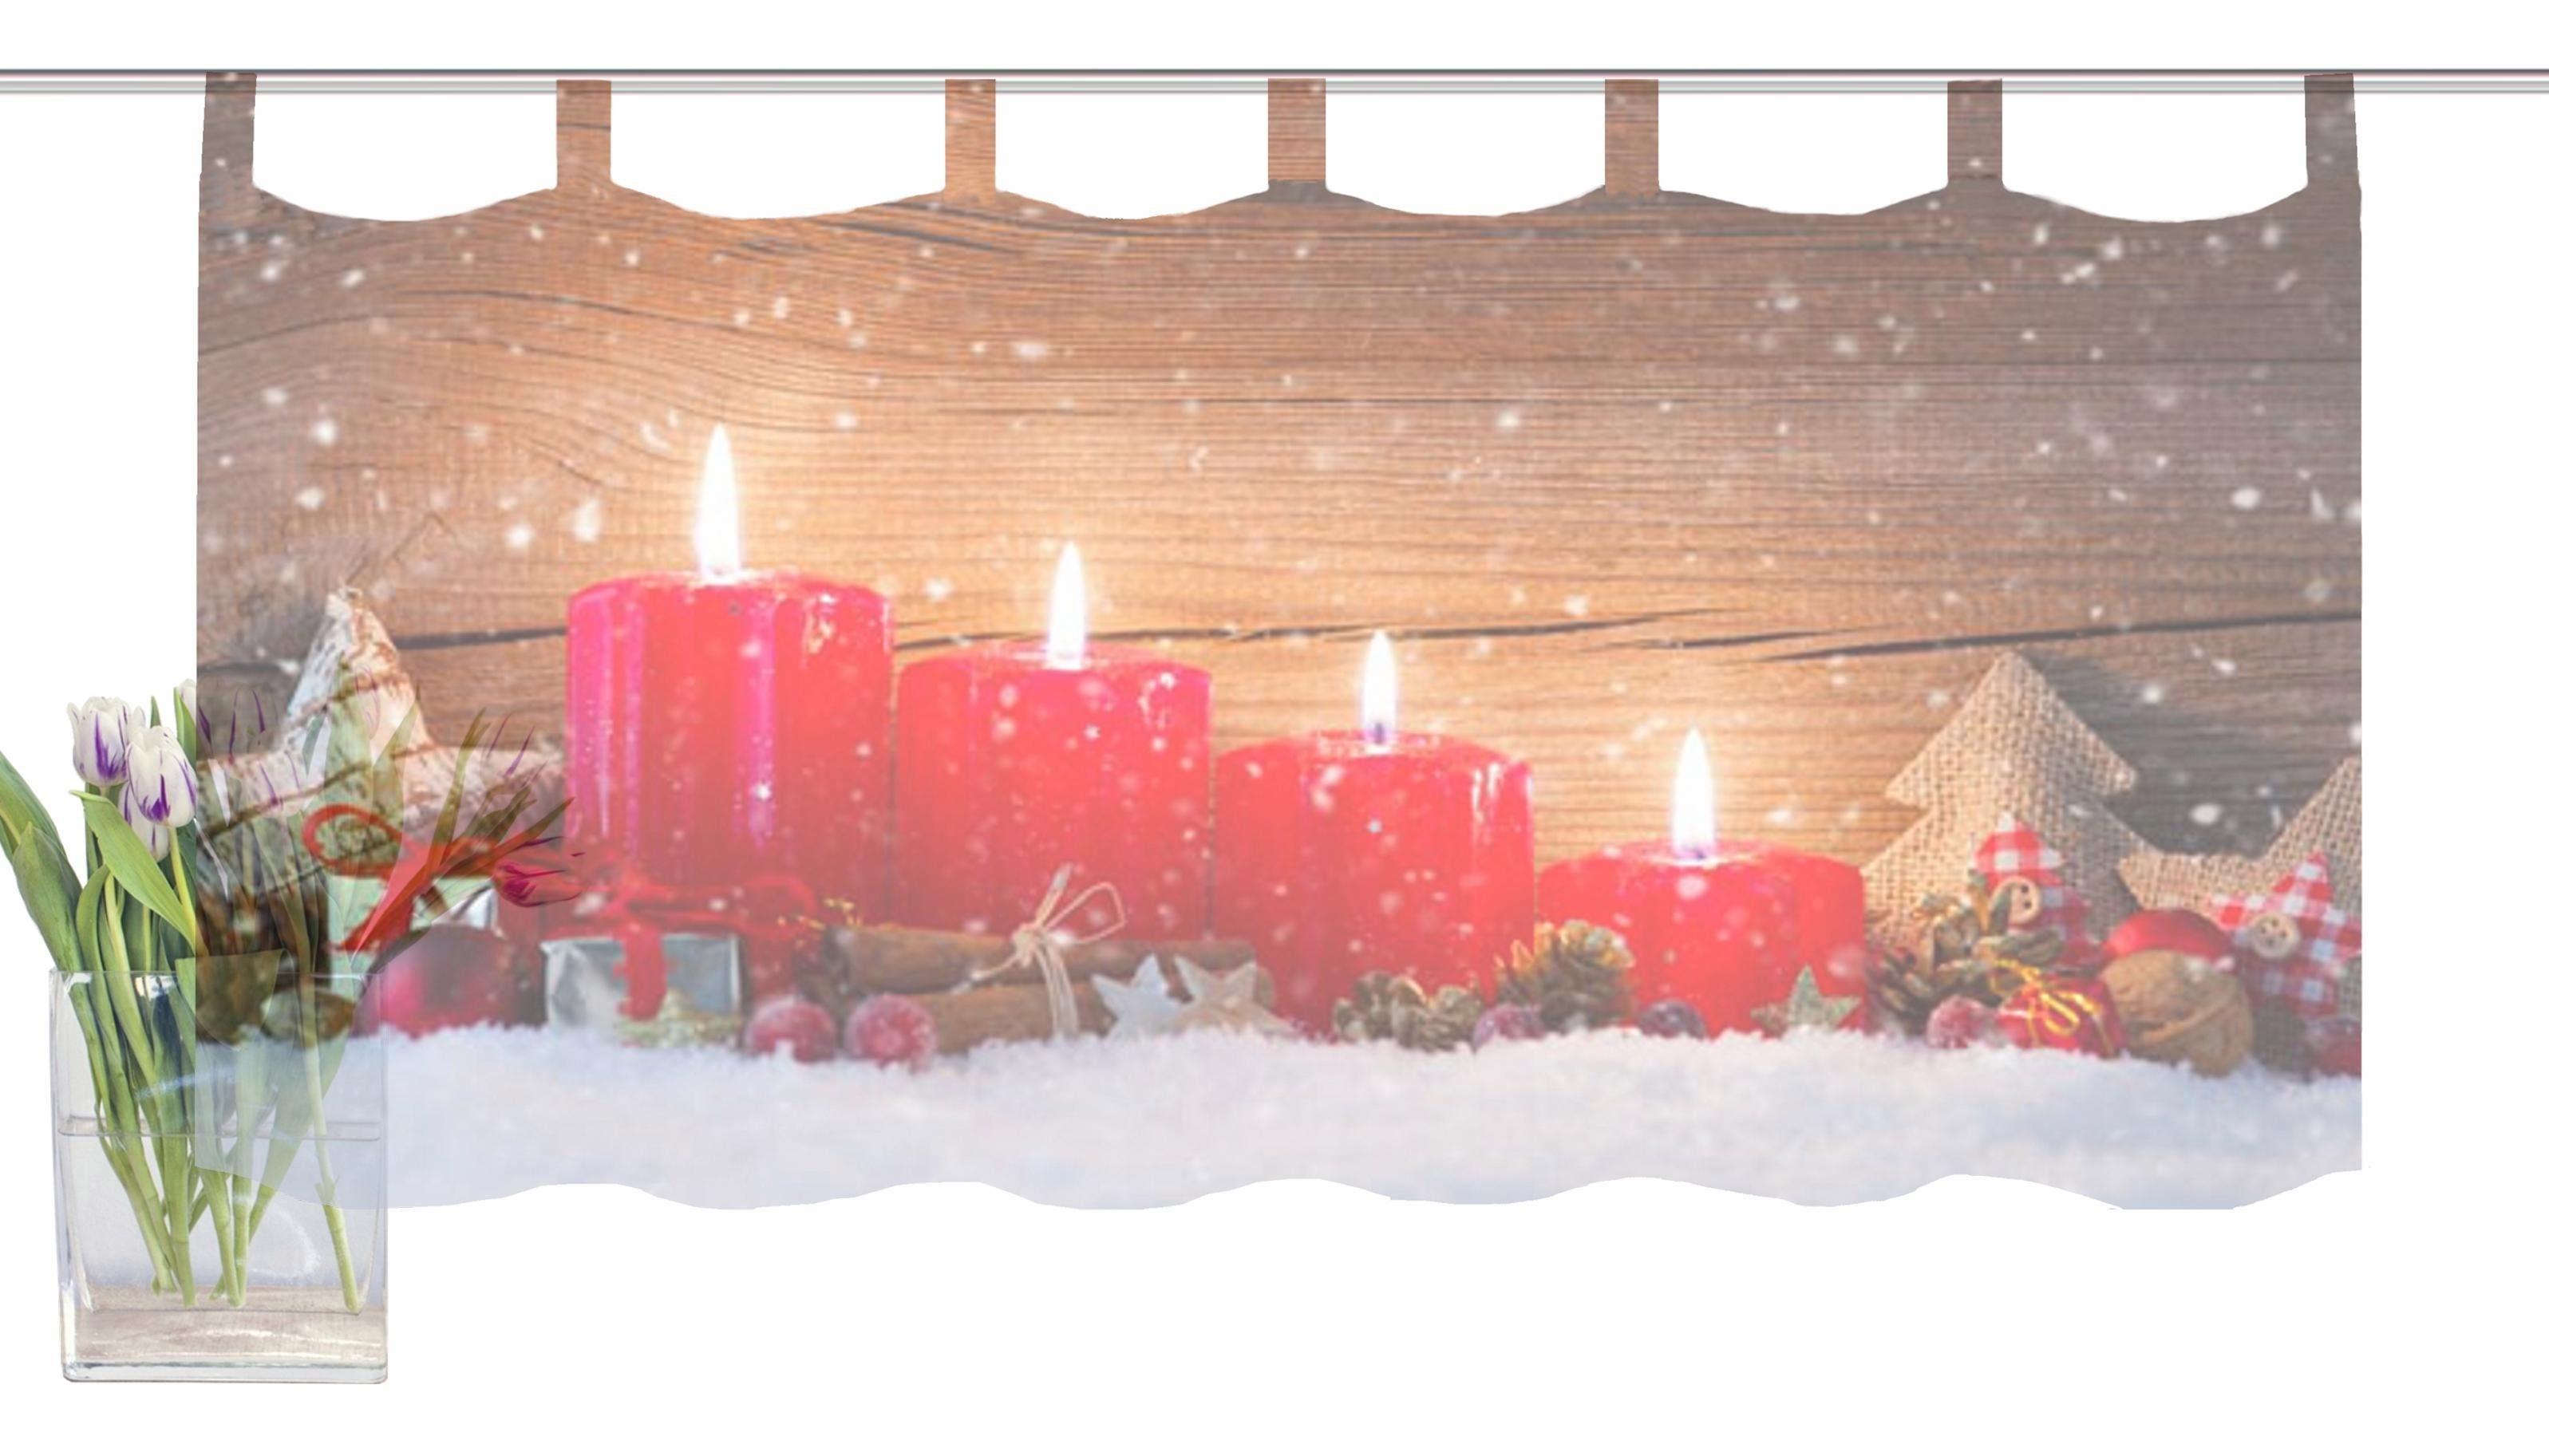 Vitrage home wohnideen kaarsen« met lussen per stuk